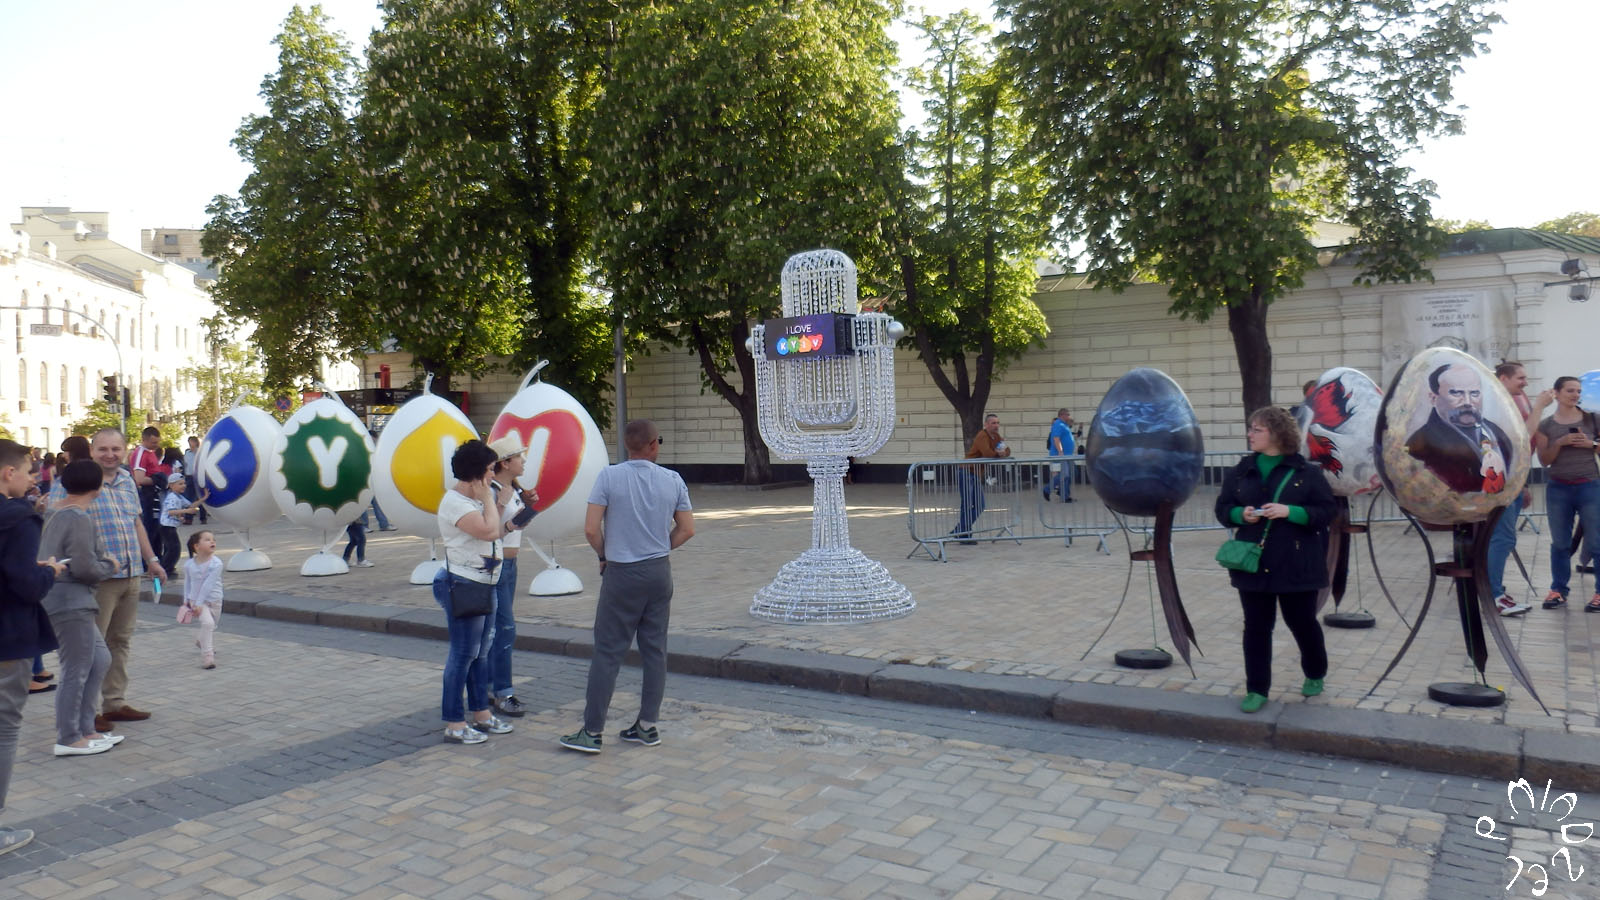 ESC-Fanmeile in Kiew. Bildrechte: Pavlo Miadzel